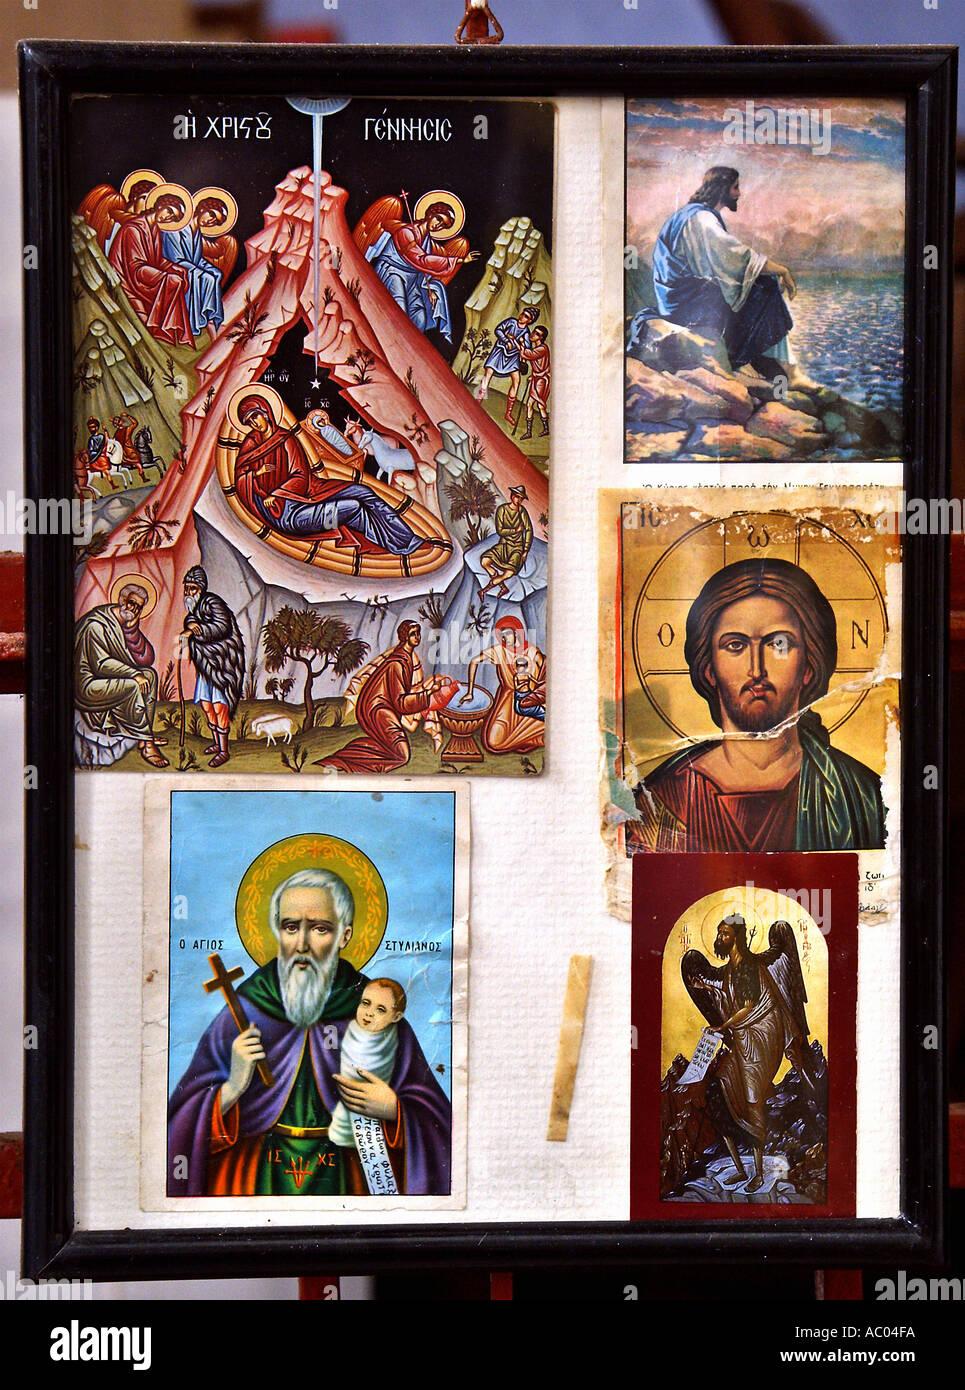 Jesus Portrait Imágenes De Stock & Jesus Portrait Fotos De Stock - Alamy